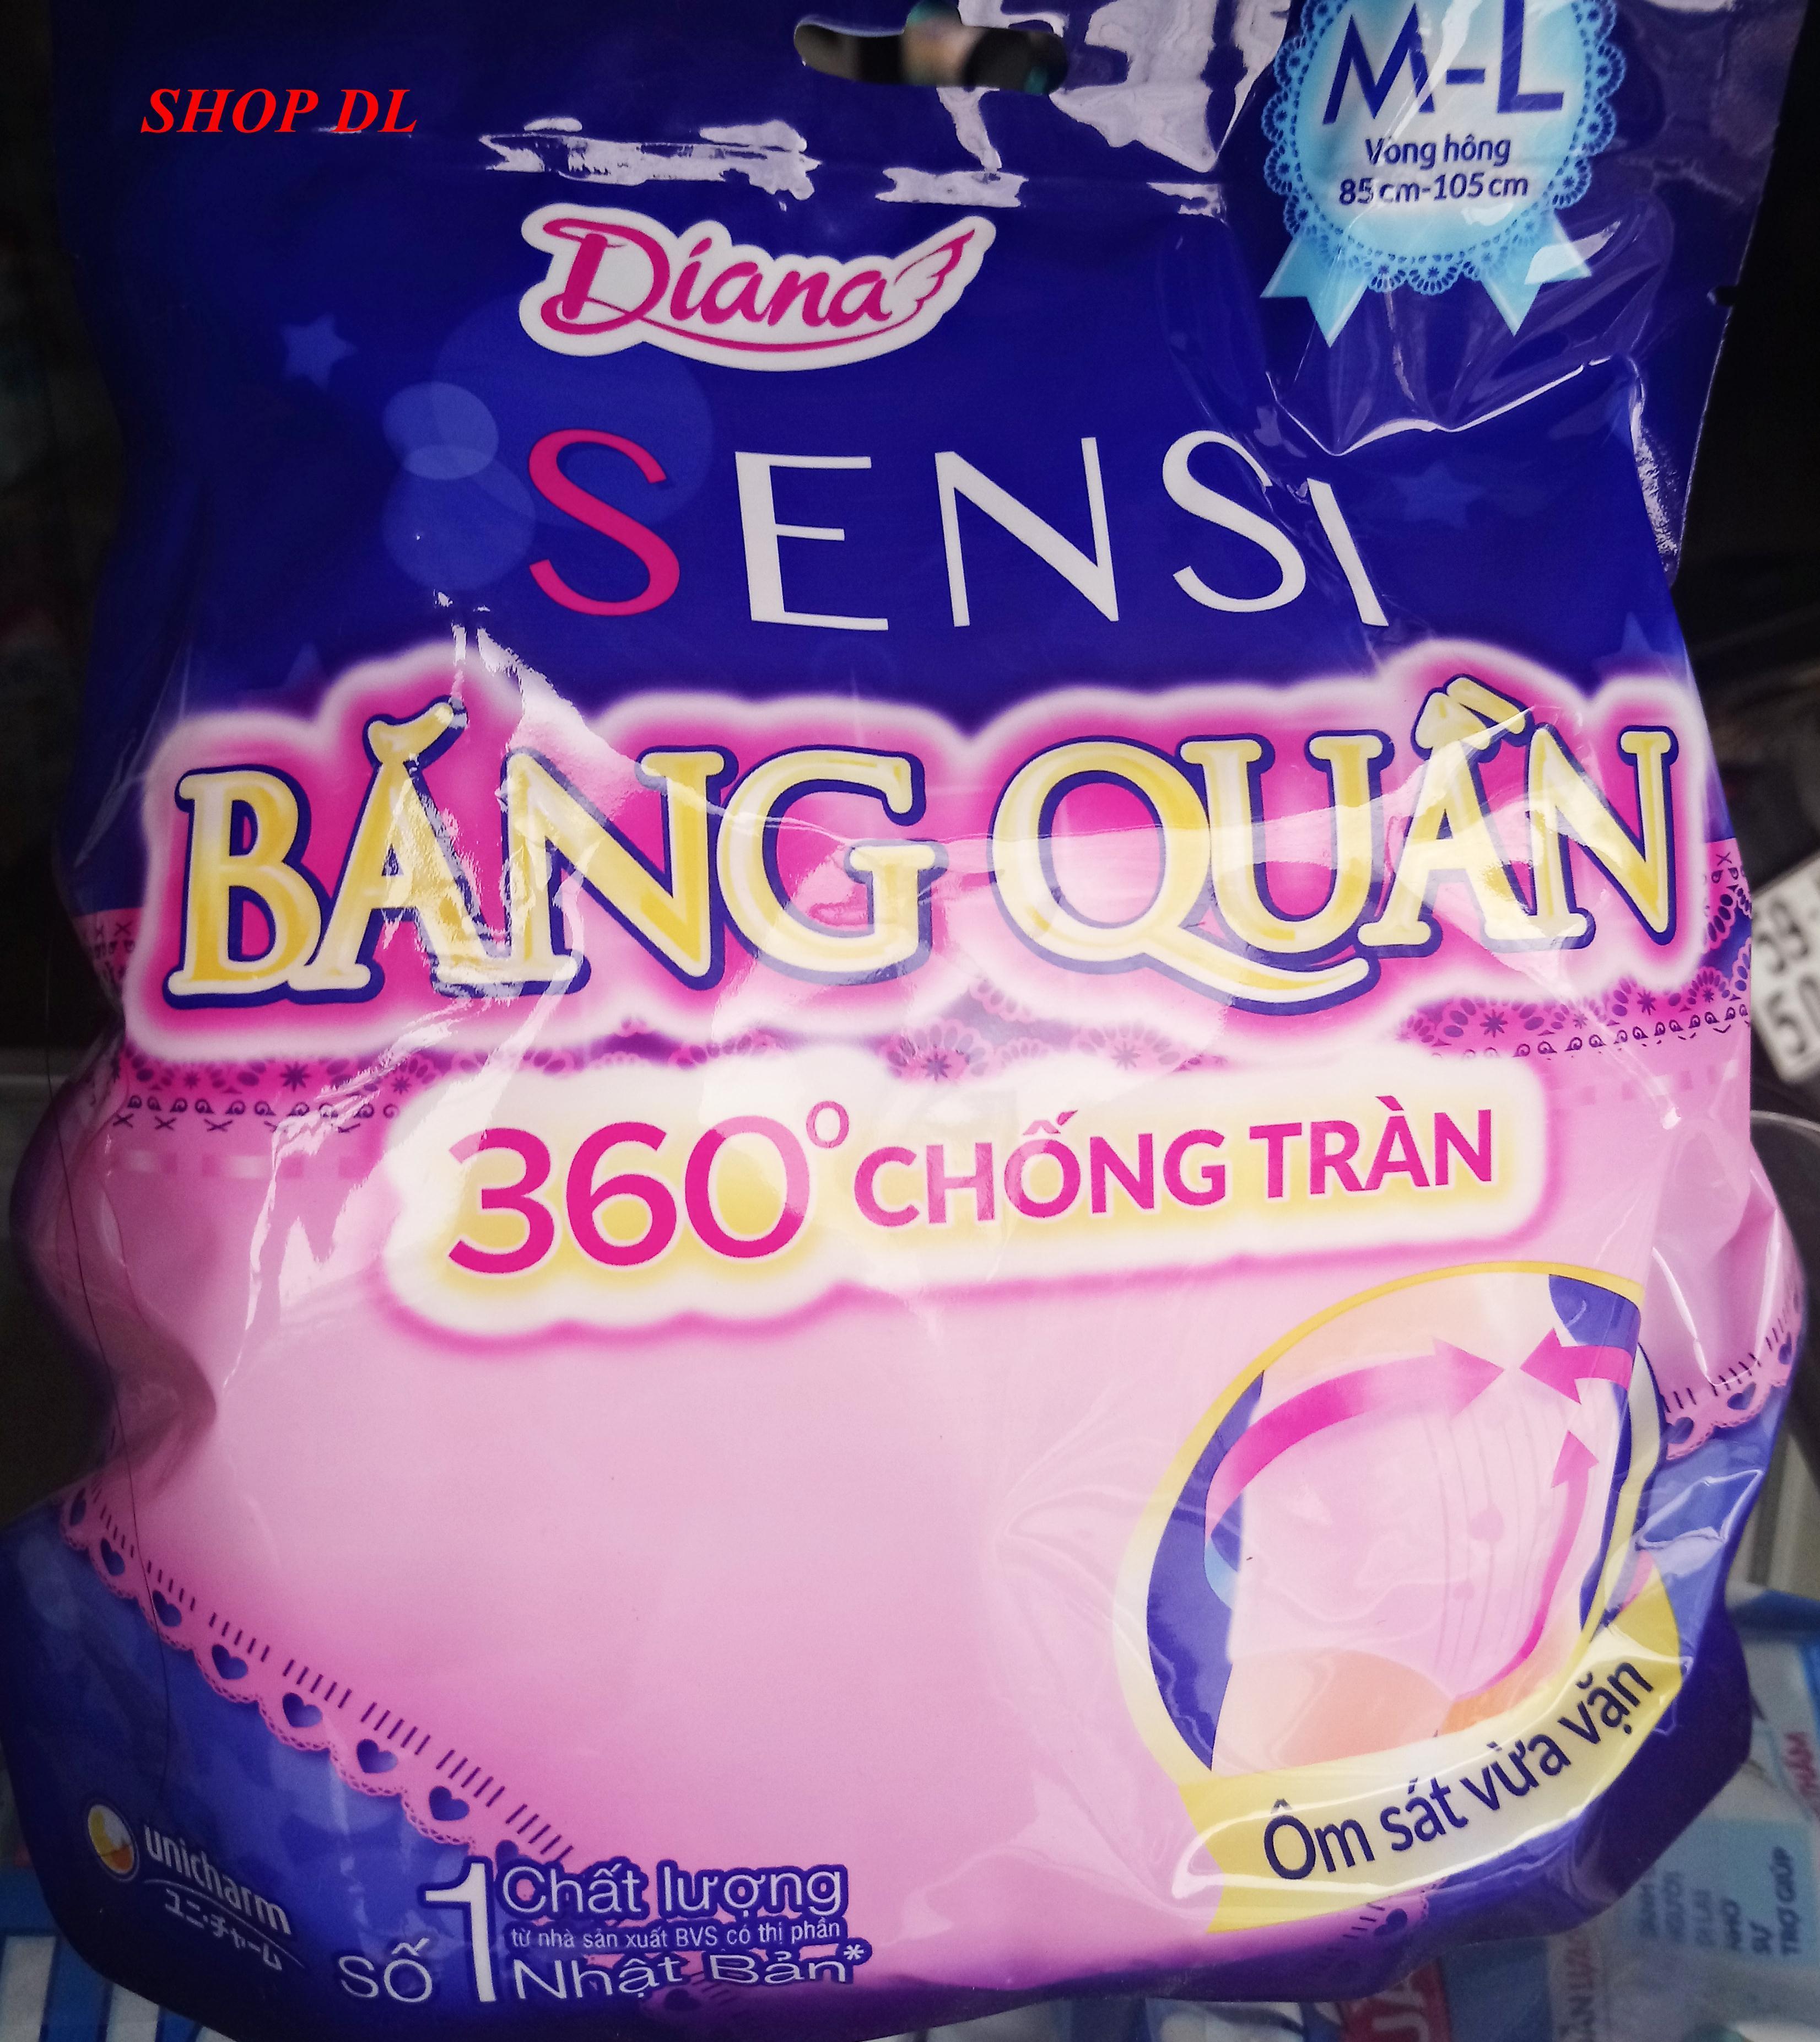 Băng vệ sinh Diana Sensi quần băng size M-L (2 cái/bịch) (bao bì mới)